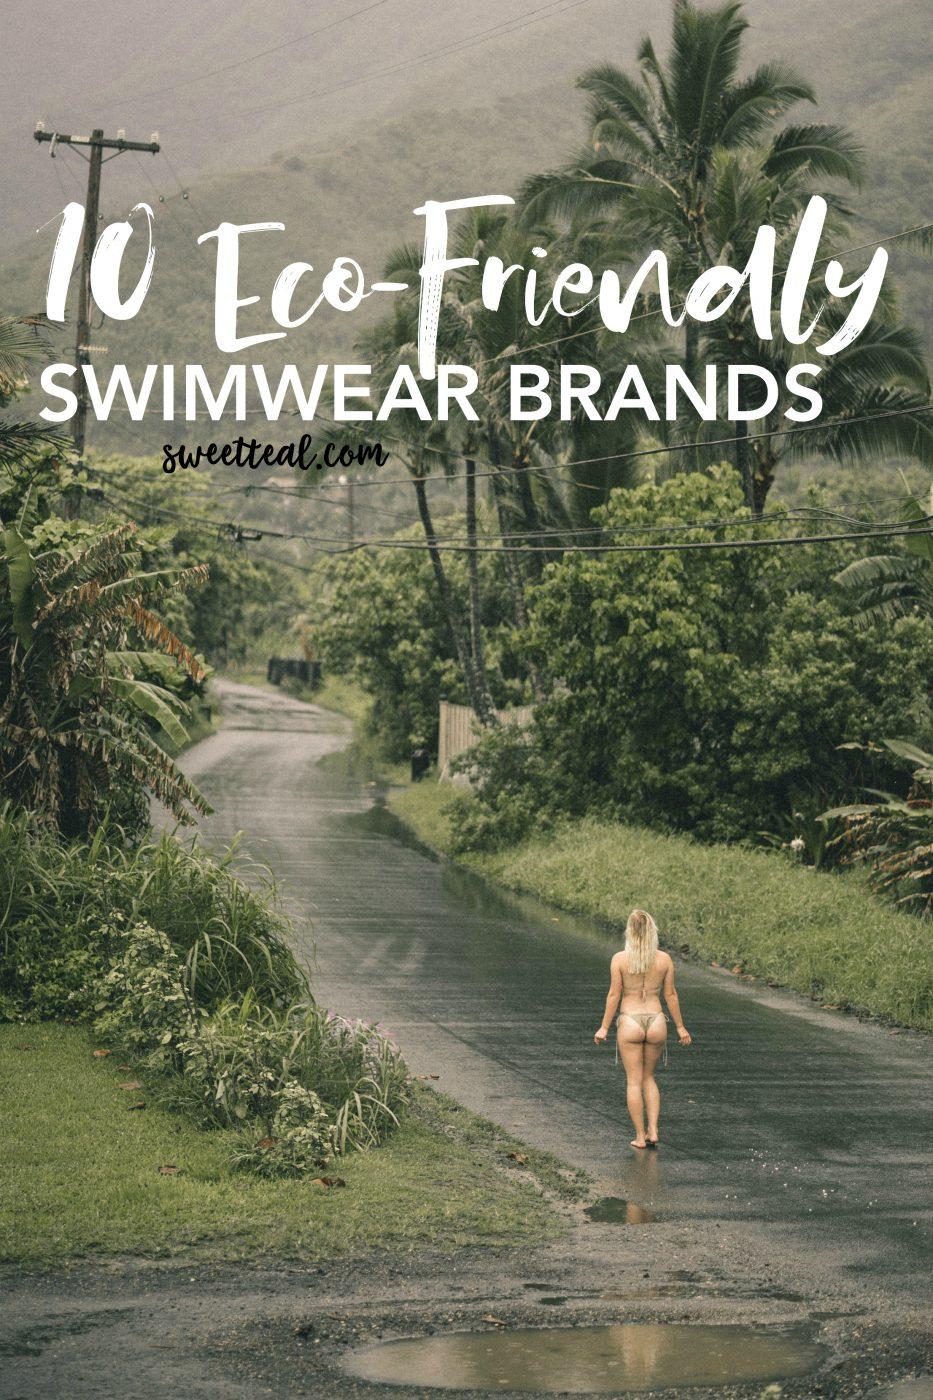 10 eco-friendly swimwear brands